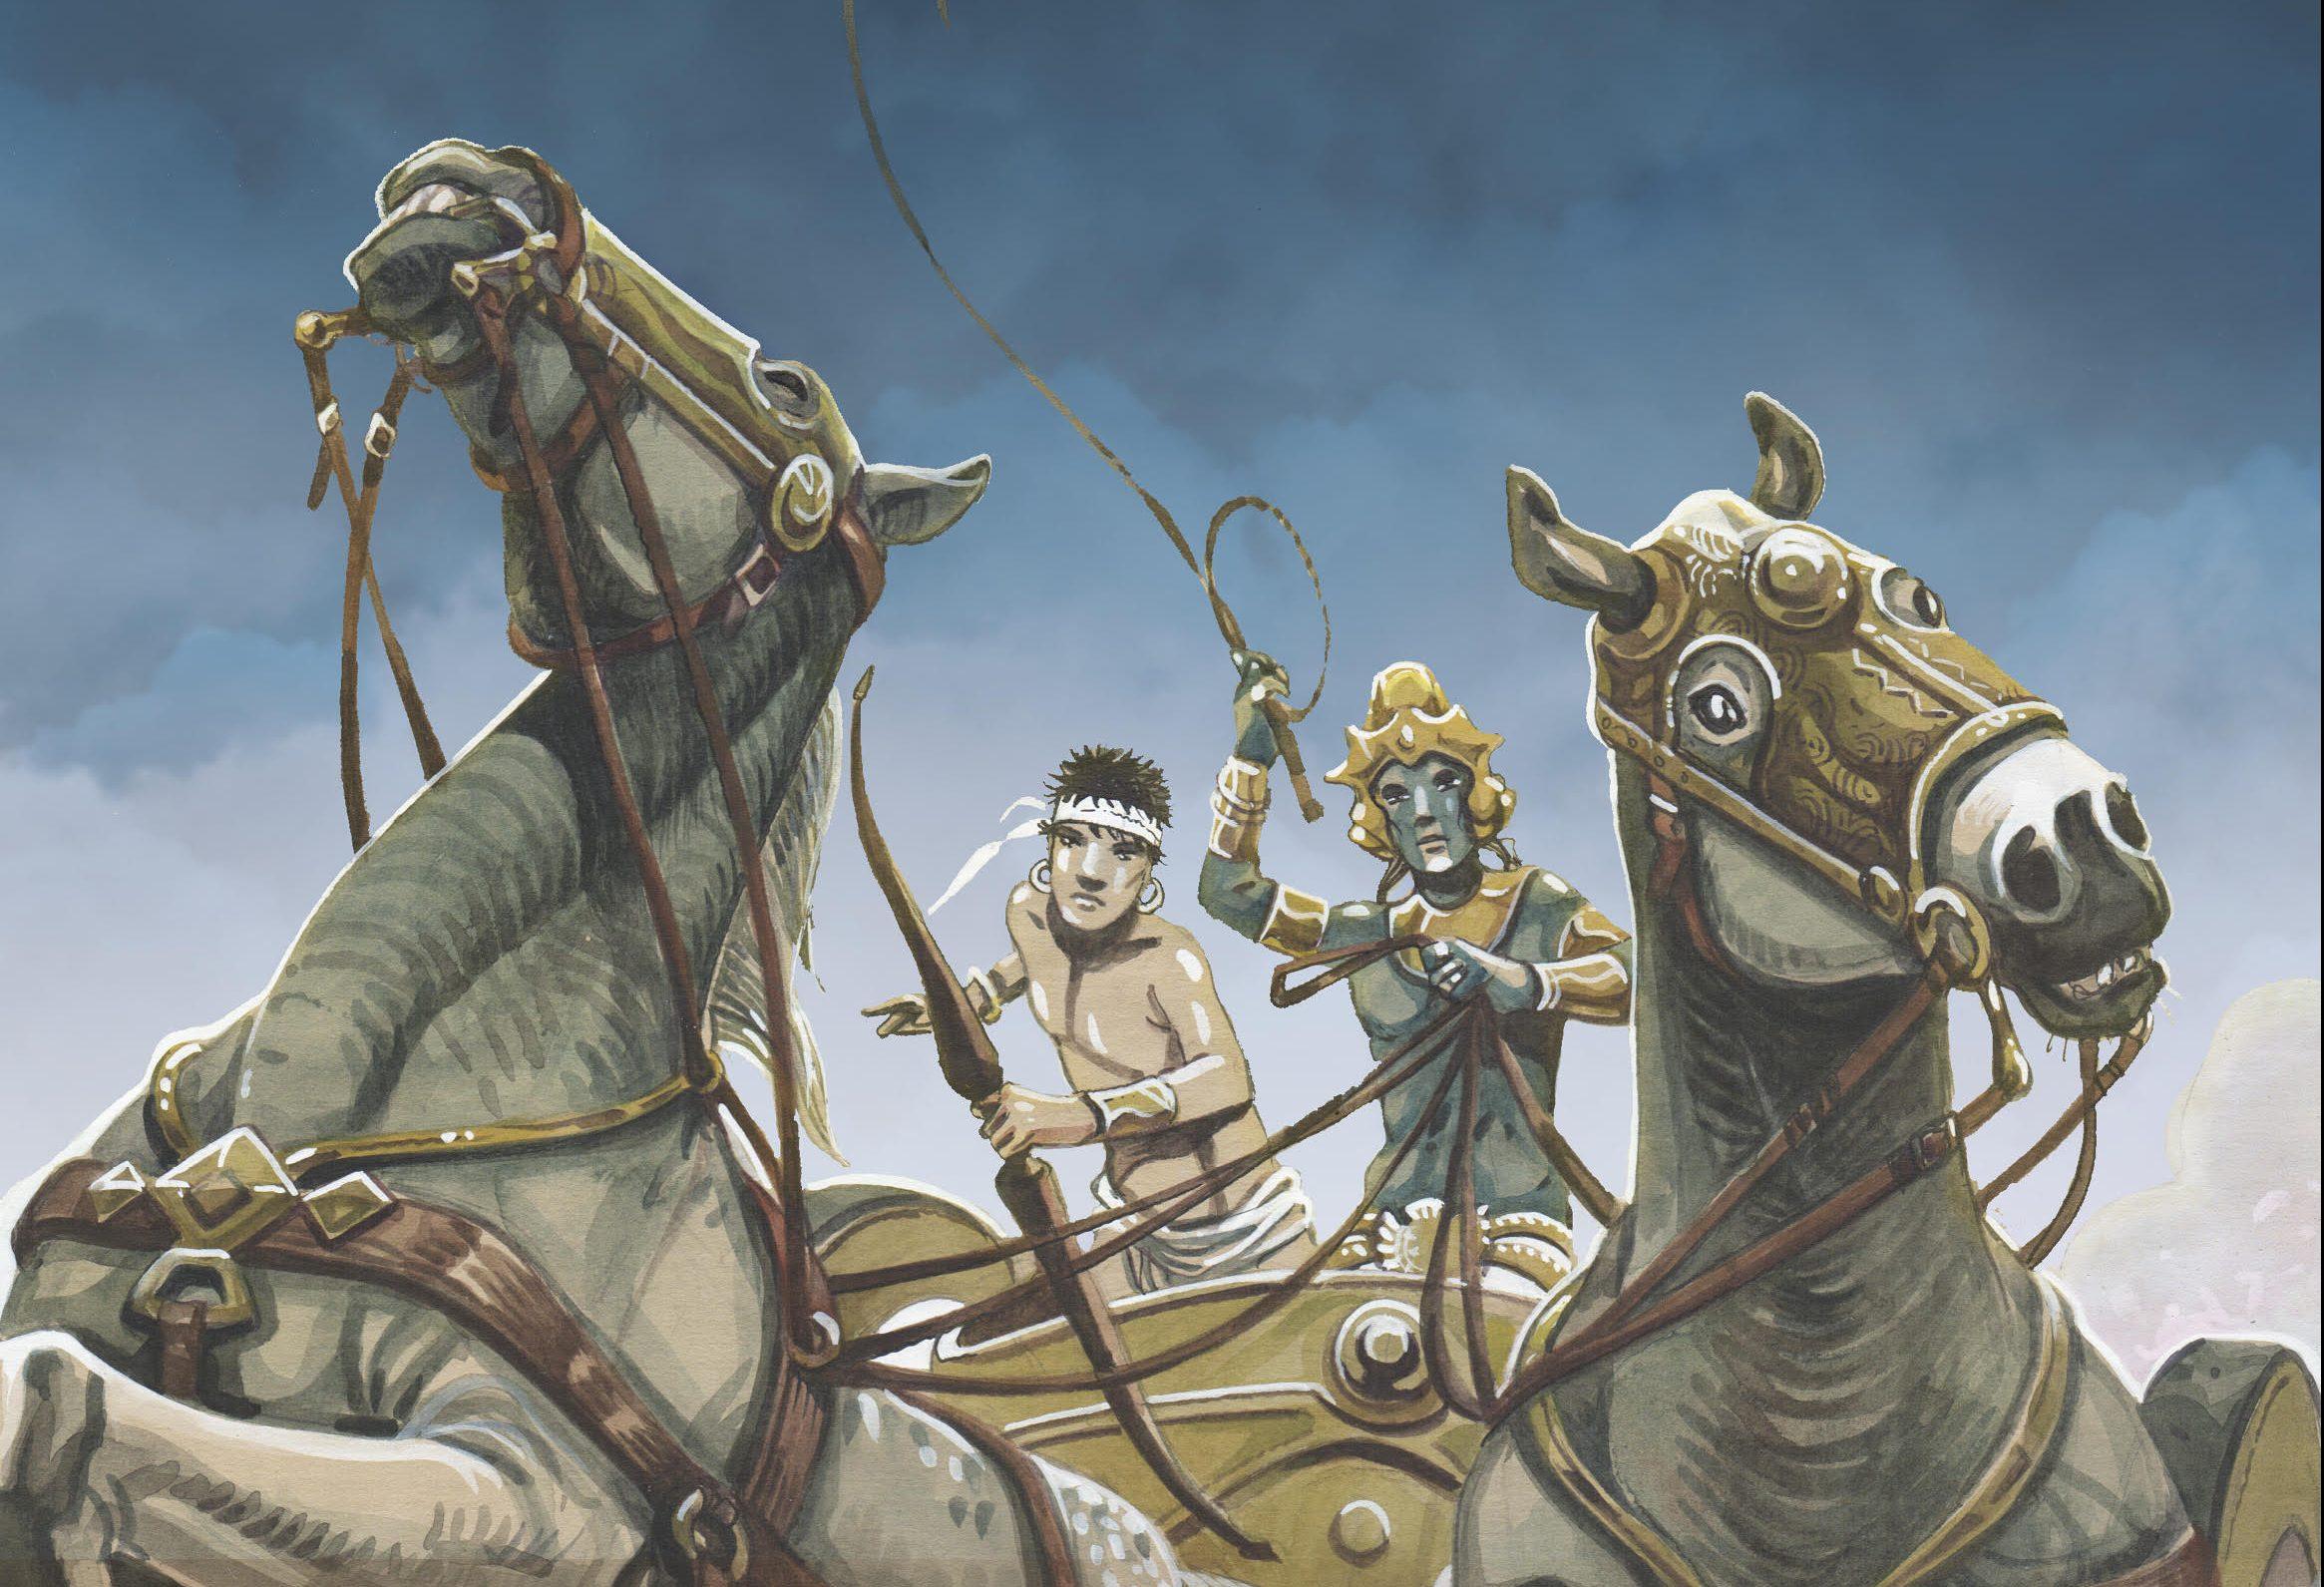 """Couverture de la bande dessinée """"Le Mahabharata"""", scénario Jean-Claude Carrière et Jean-Marie Michaud, dessin Jean-Marie Michaud, Hozhoni éditions. (Copyright : Hozhoni éditions)"""